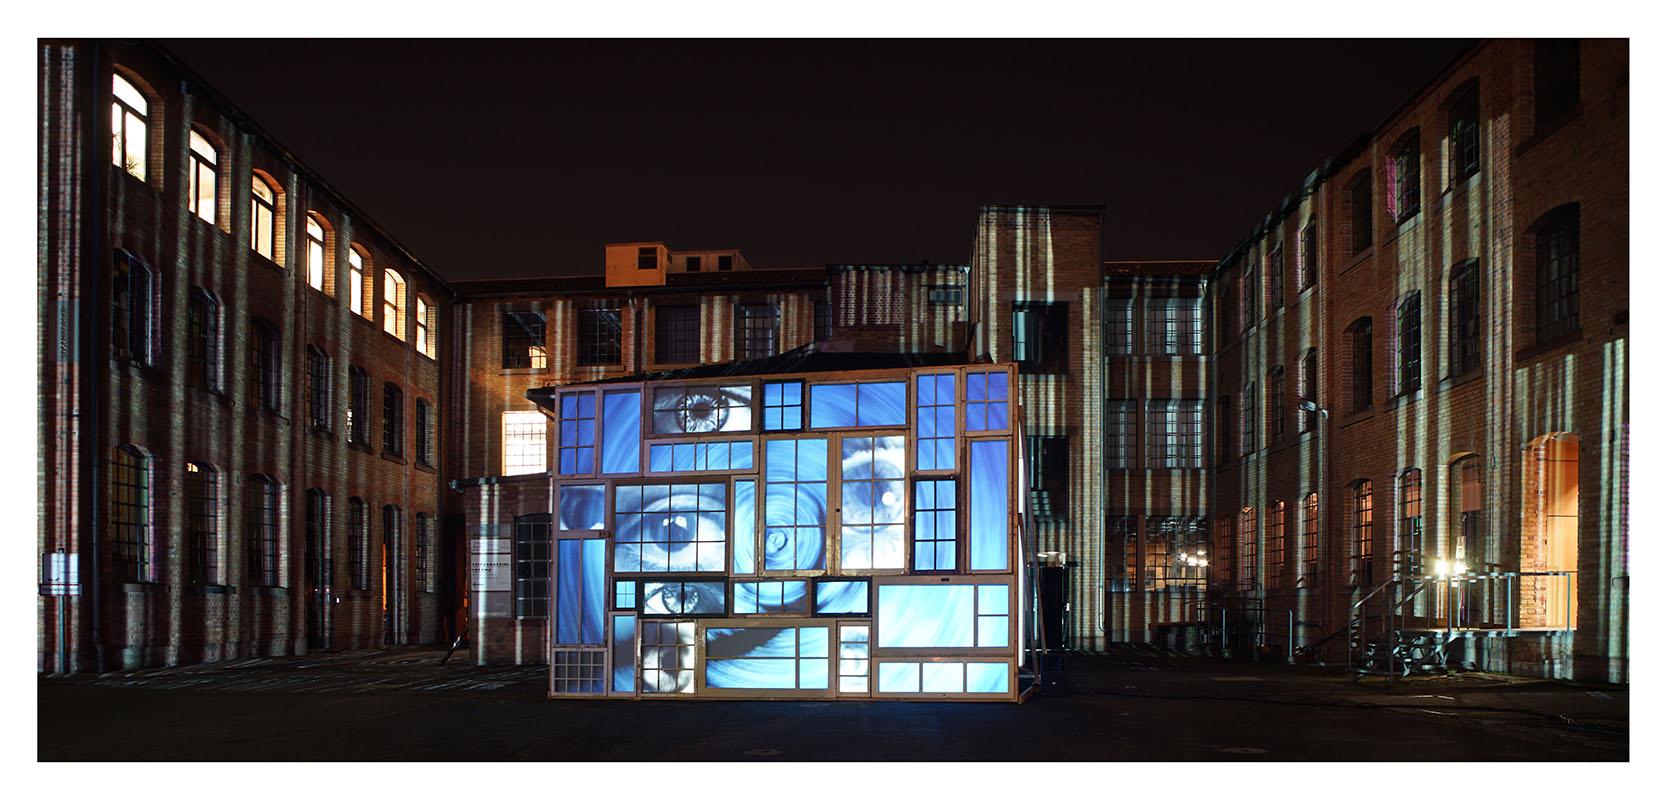 Luminale 2016 - Heyne Kunst-Fabrik Offenbach Foto & Bild ...